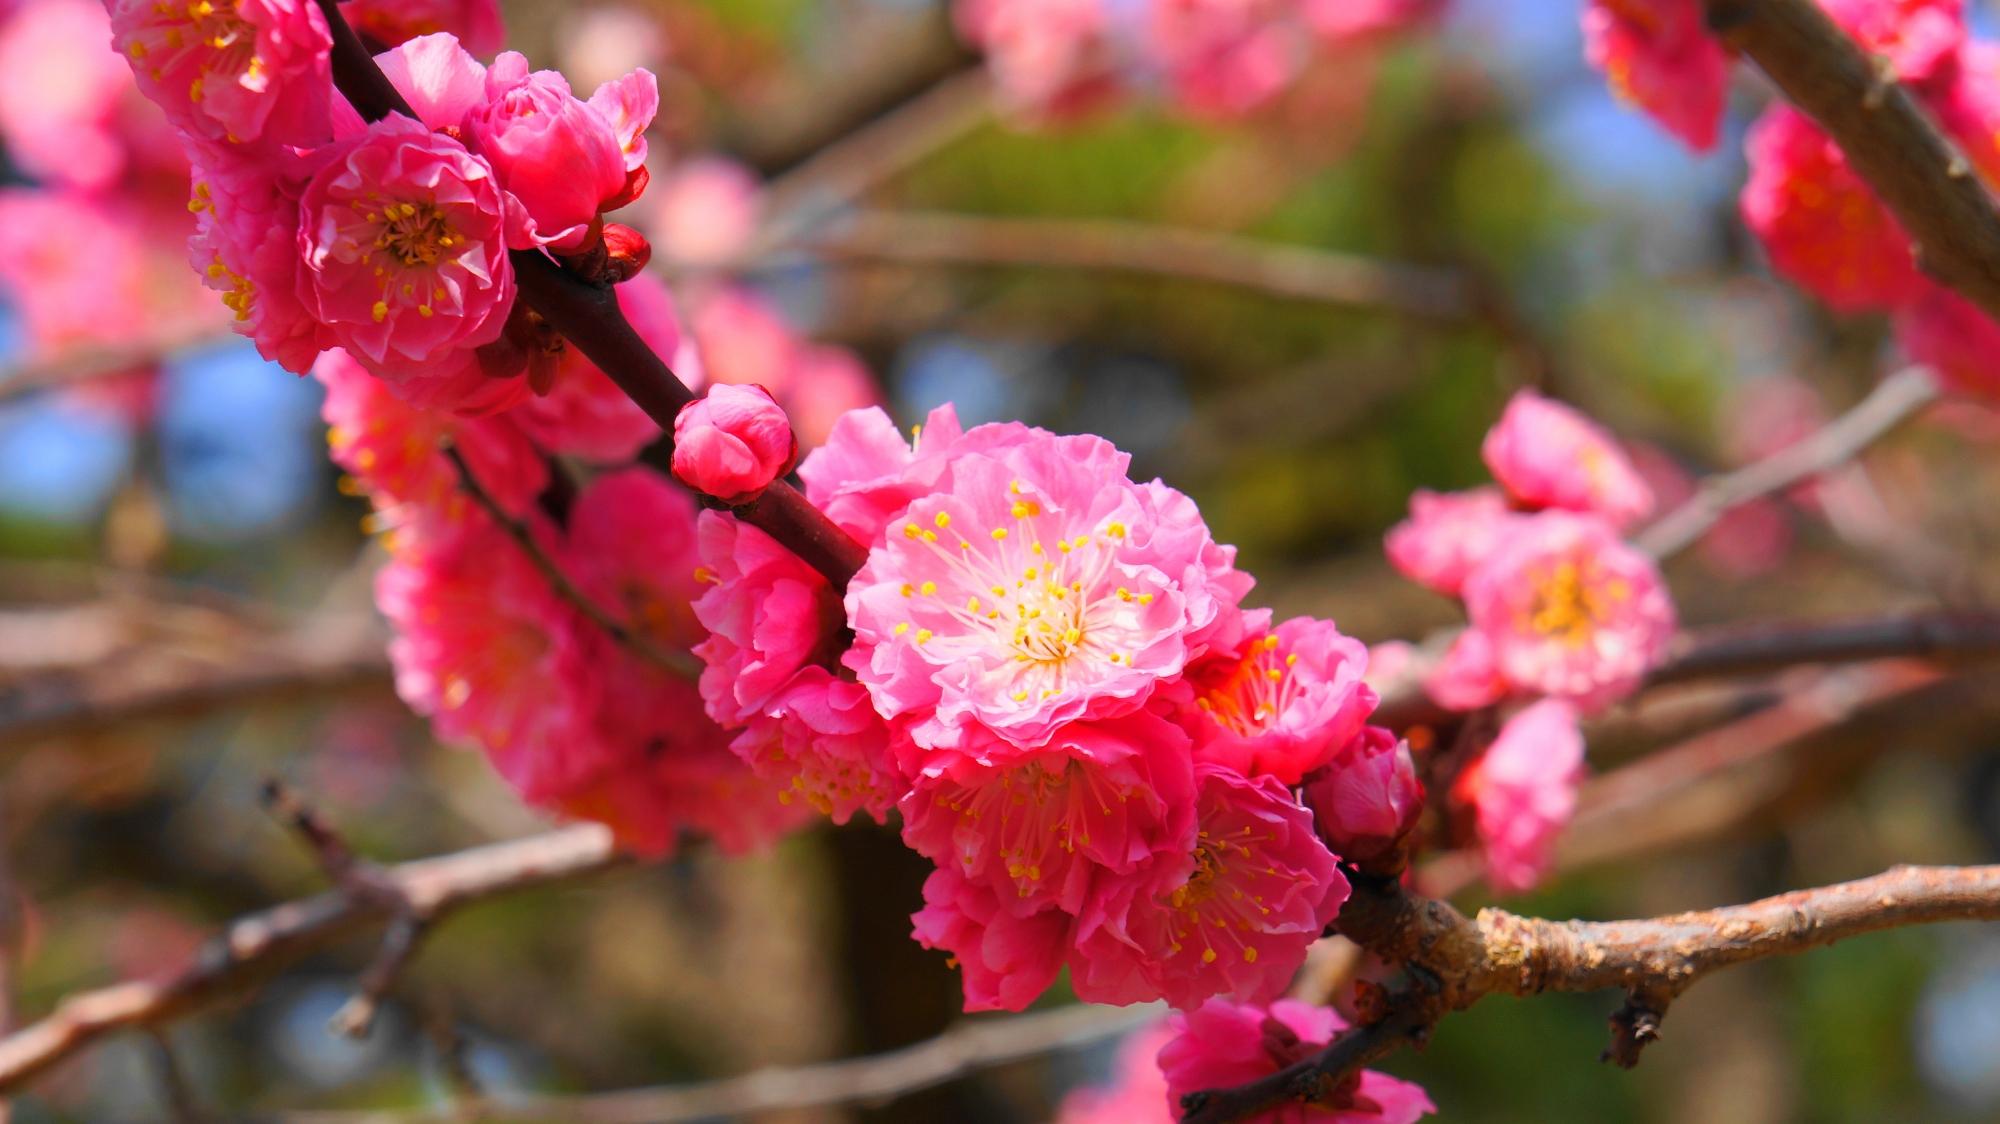 枝に密集して所狭しと咲く梅の花